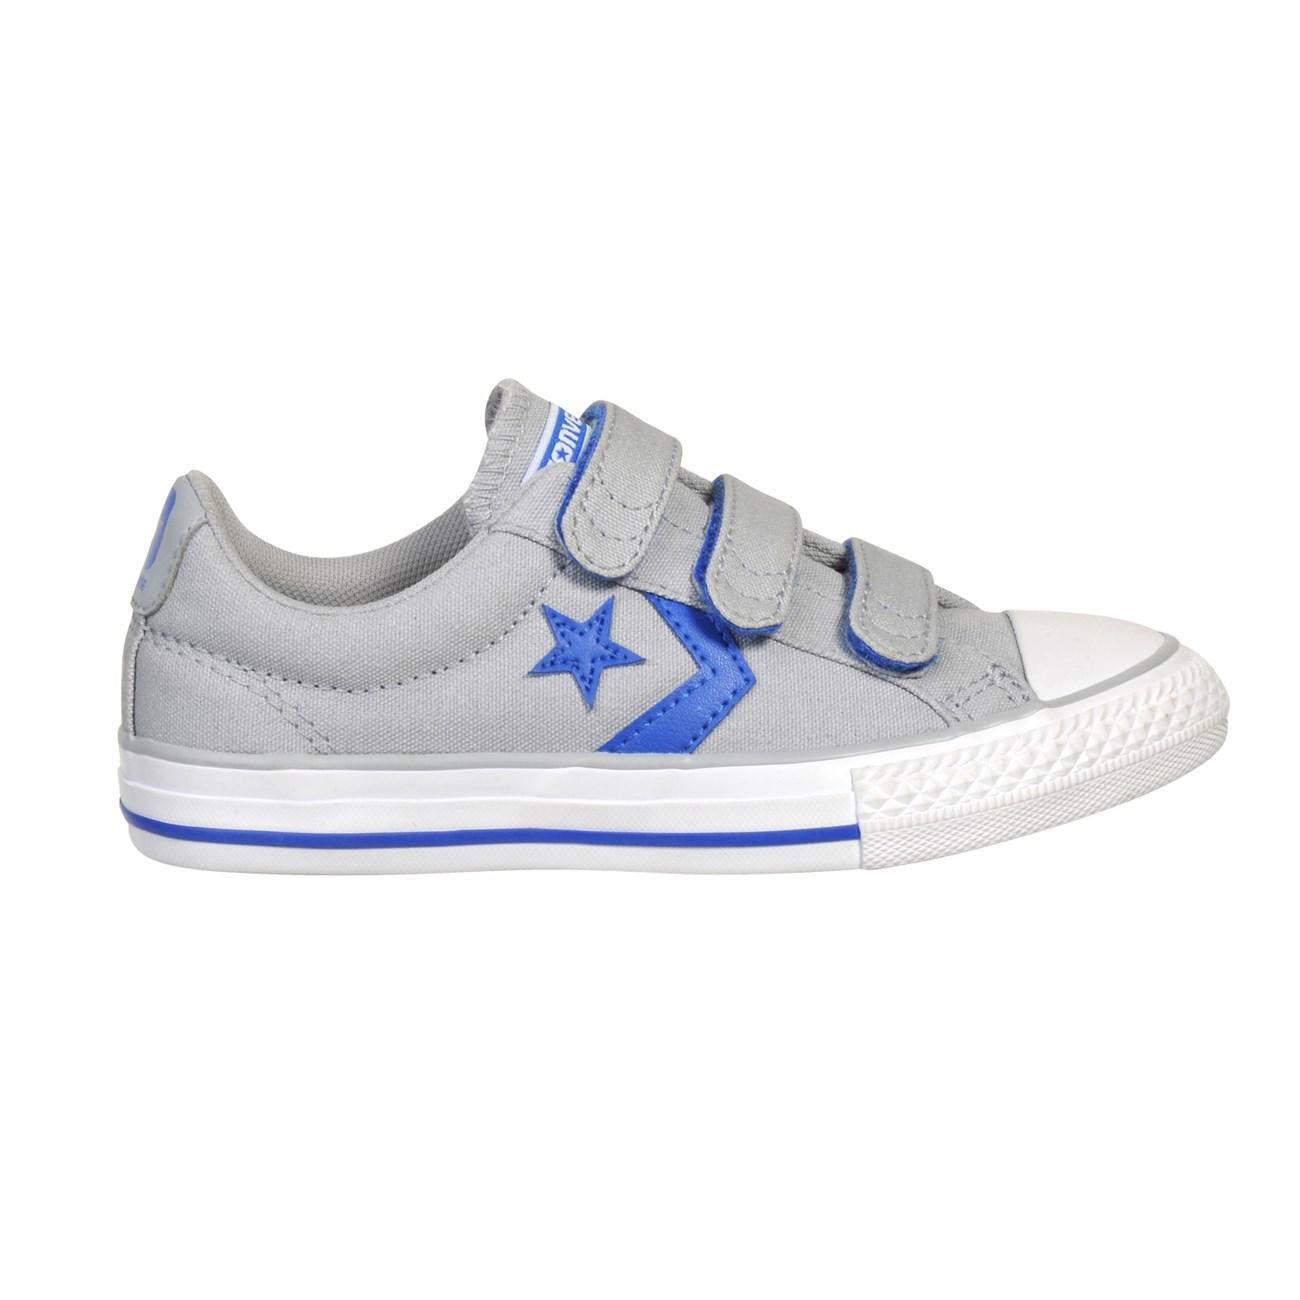 CONVERSE STAR PLAYER EV JR   Sportstyle Παπούτσια  3074e3ddedc